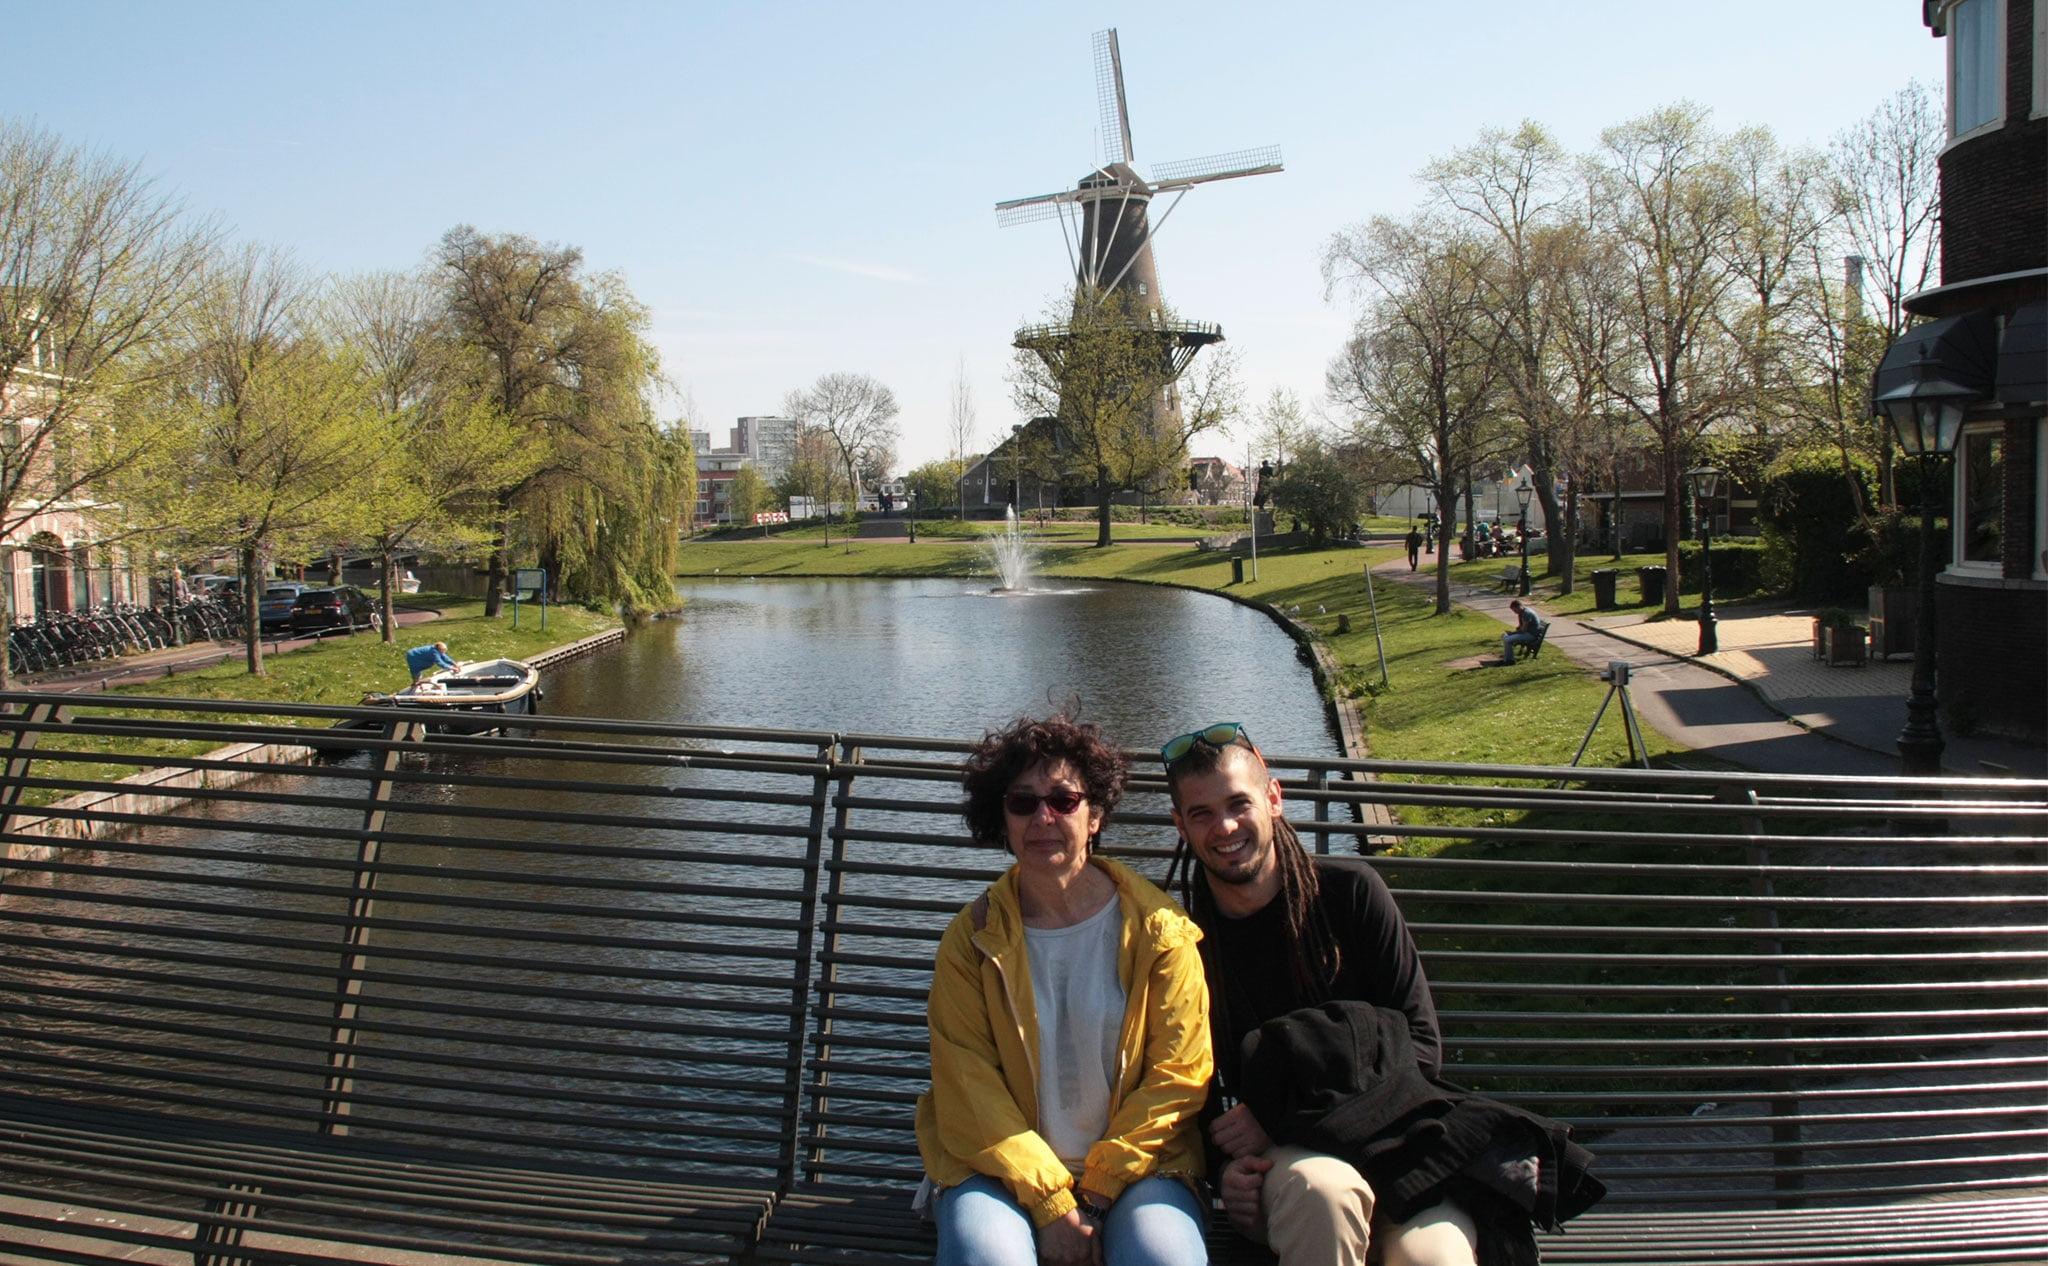 Jaume Pineda haciendo turismo con su madre en Leiden, una pequeña y bonita ciudad cerca de La Haya